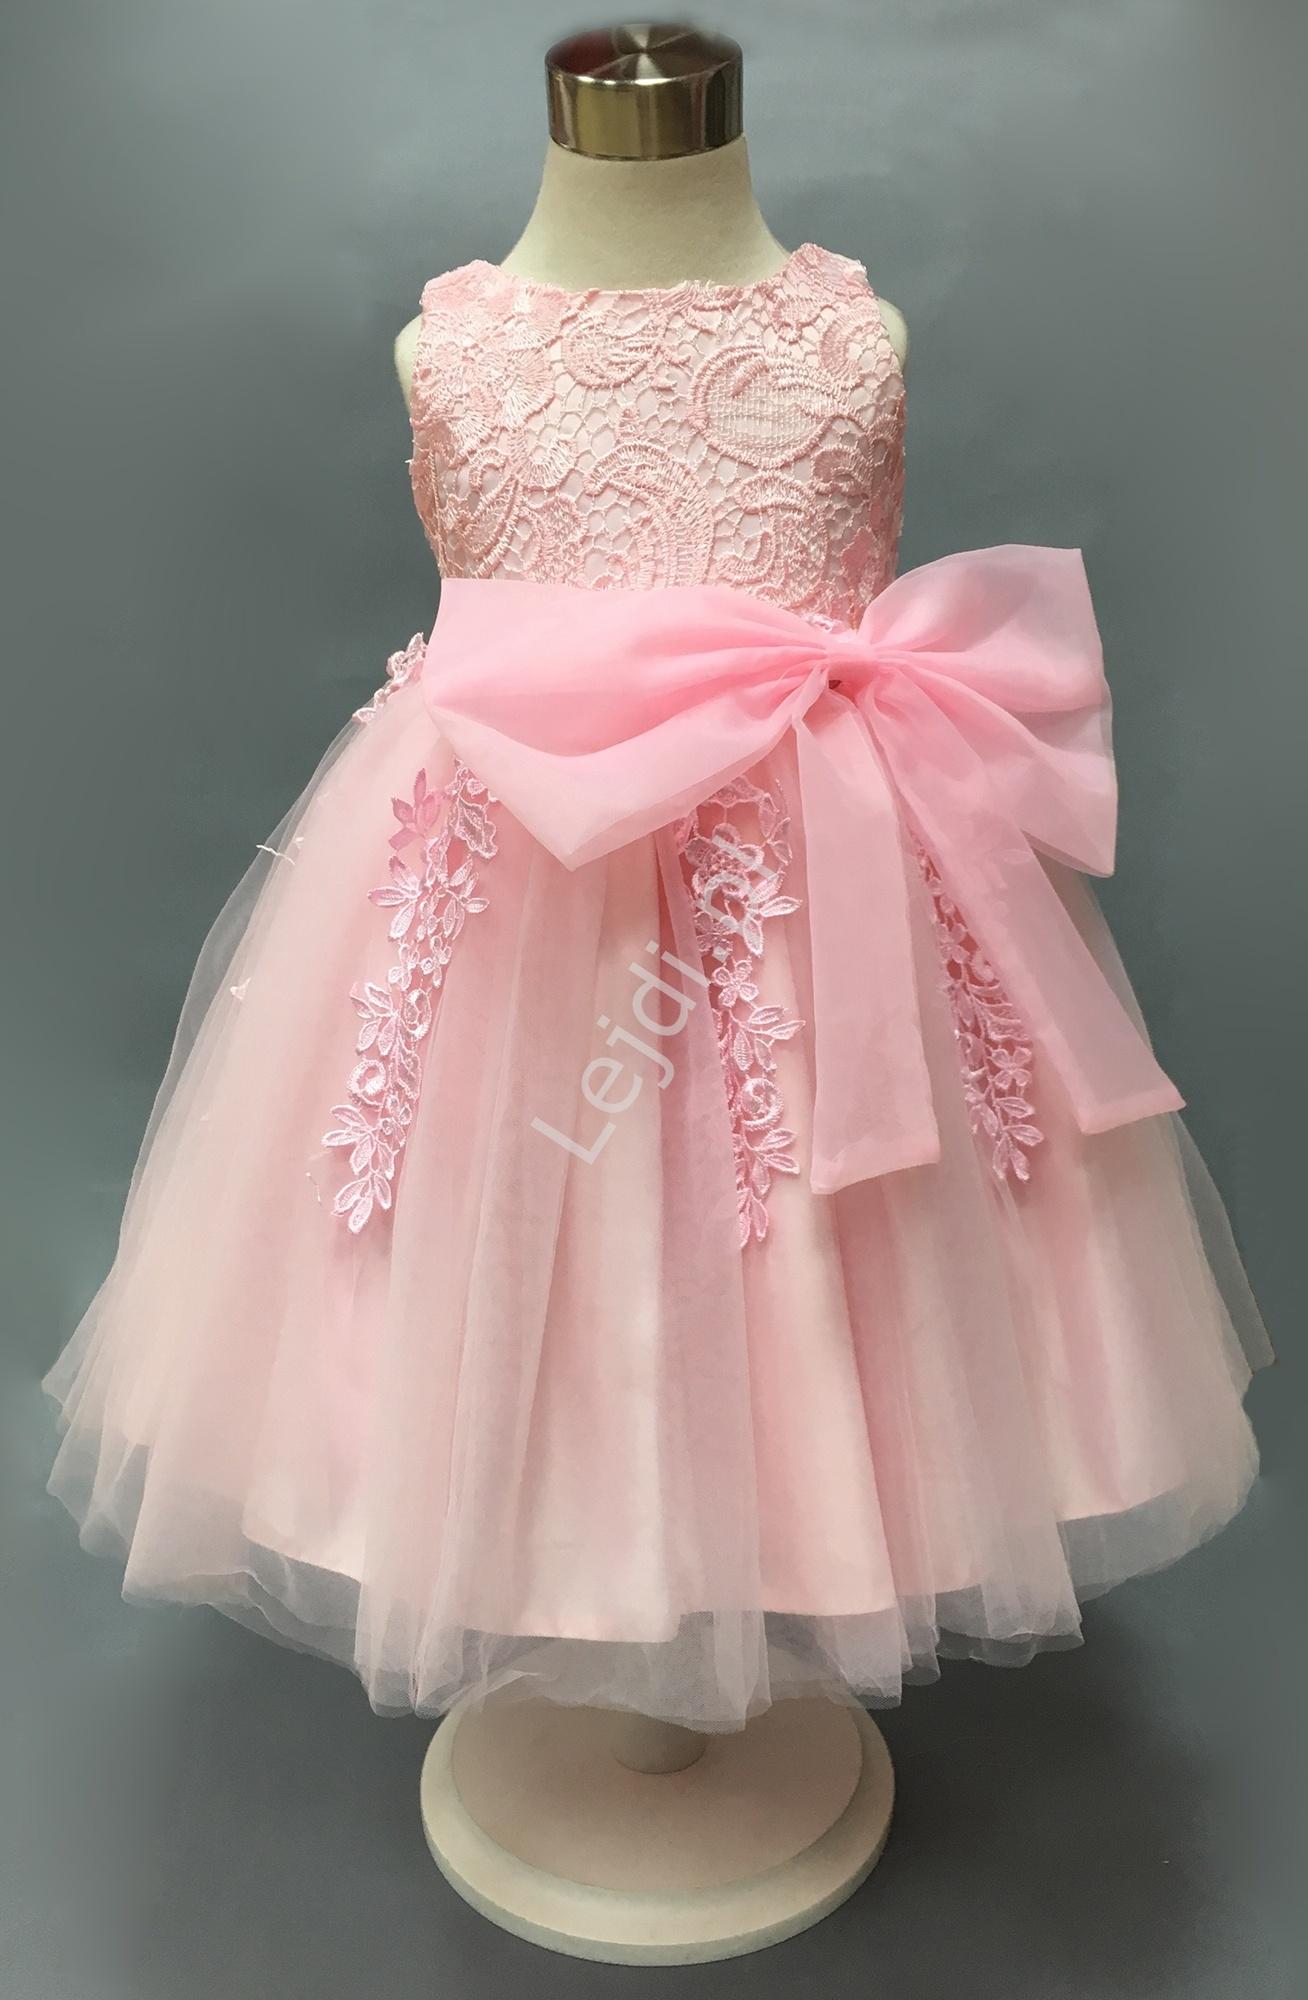 Przepiękna różowa sukienka dla dziewczynki, bogato zdobiona gipiurową koronką - Lejdi